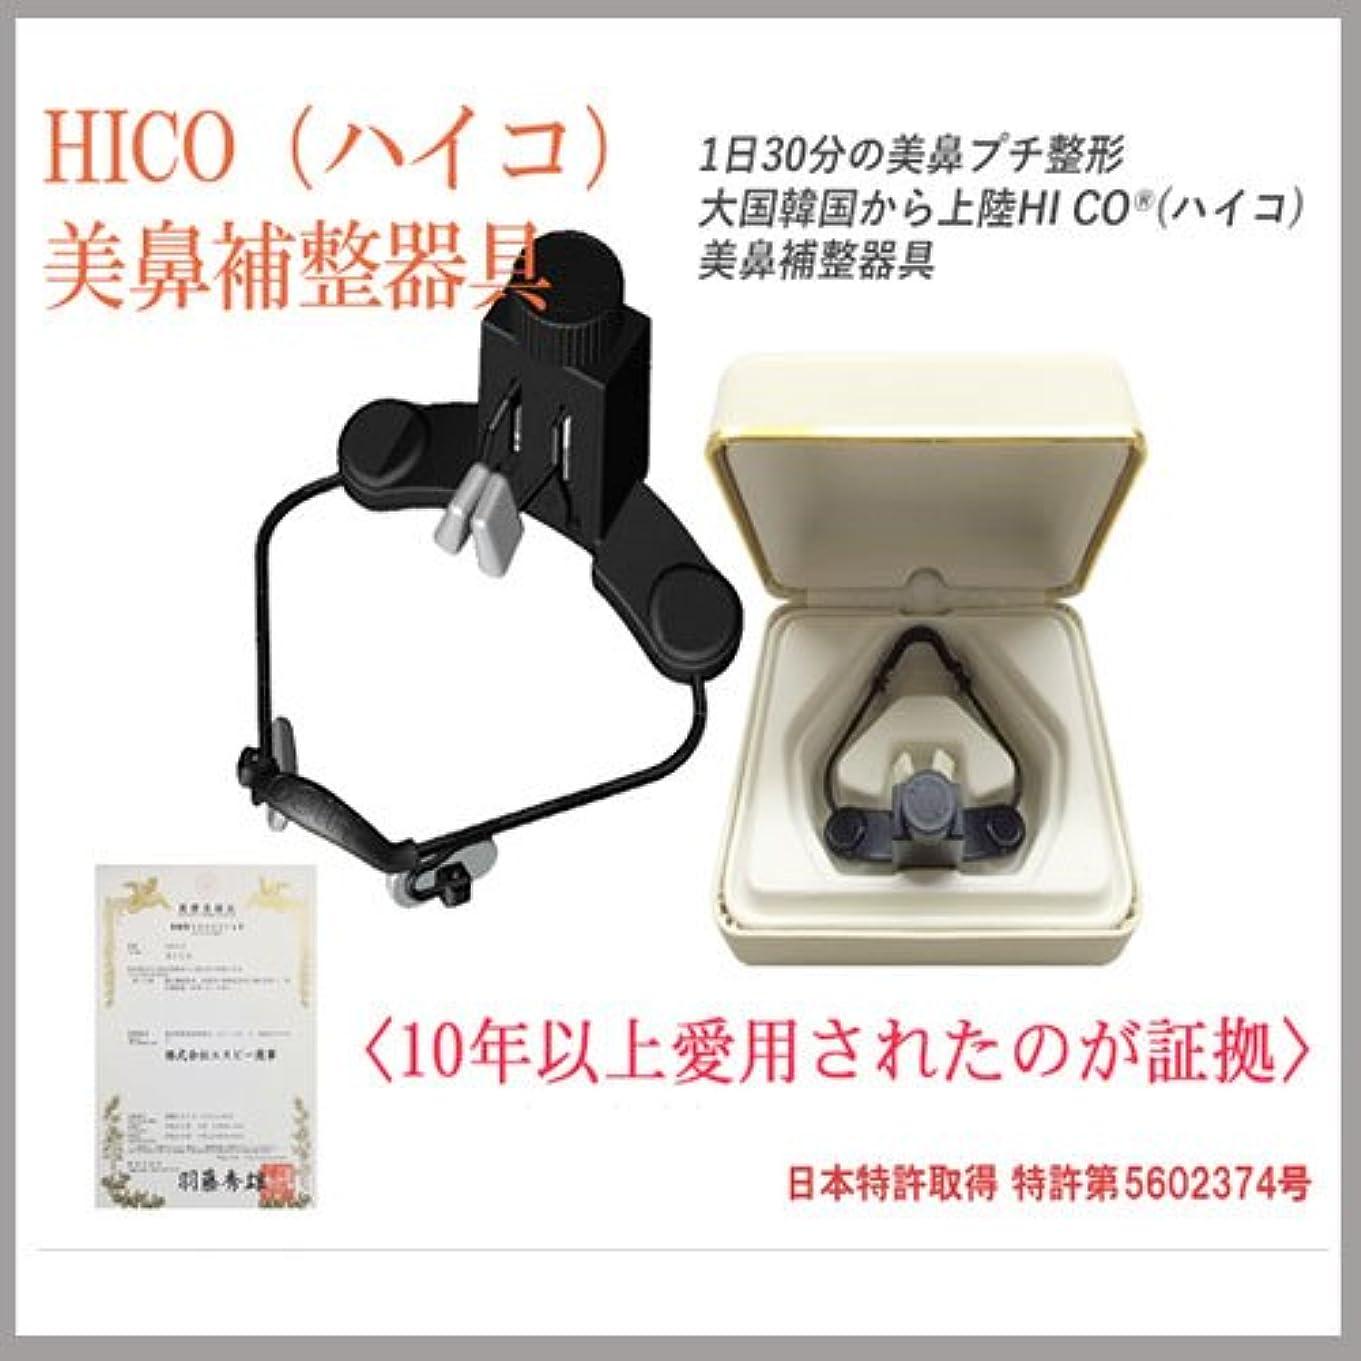 ギターお願いします大洪水ハイコ(HICO) ◆美鼻サポート器具